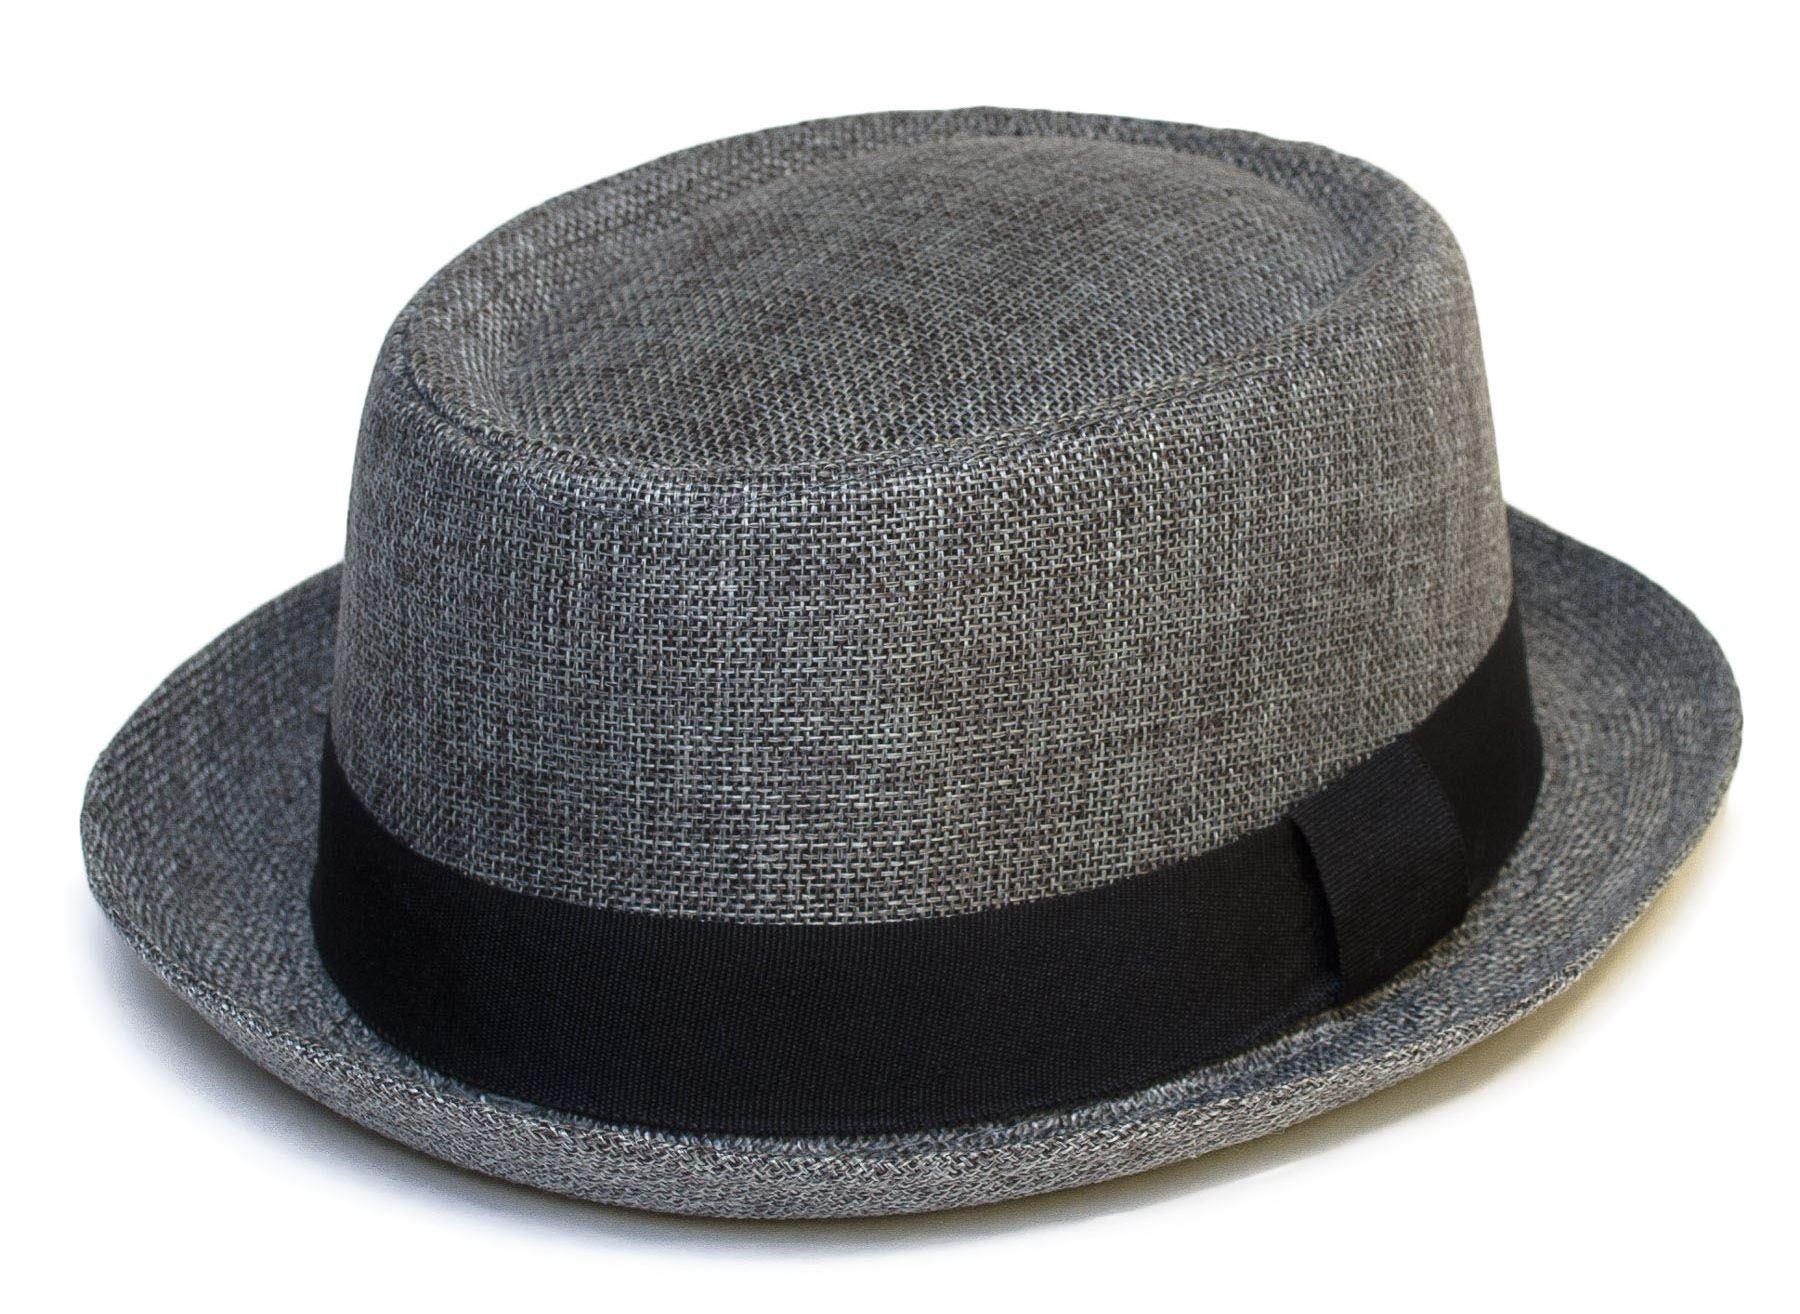 2f408f449ce49 Sombreros para hombres  guía de estilo - Gustavo Moscoso